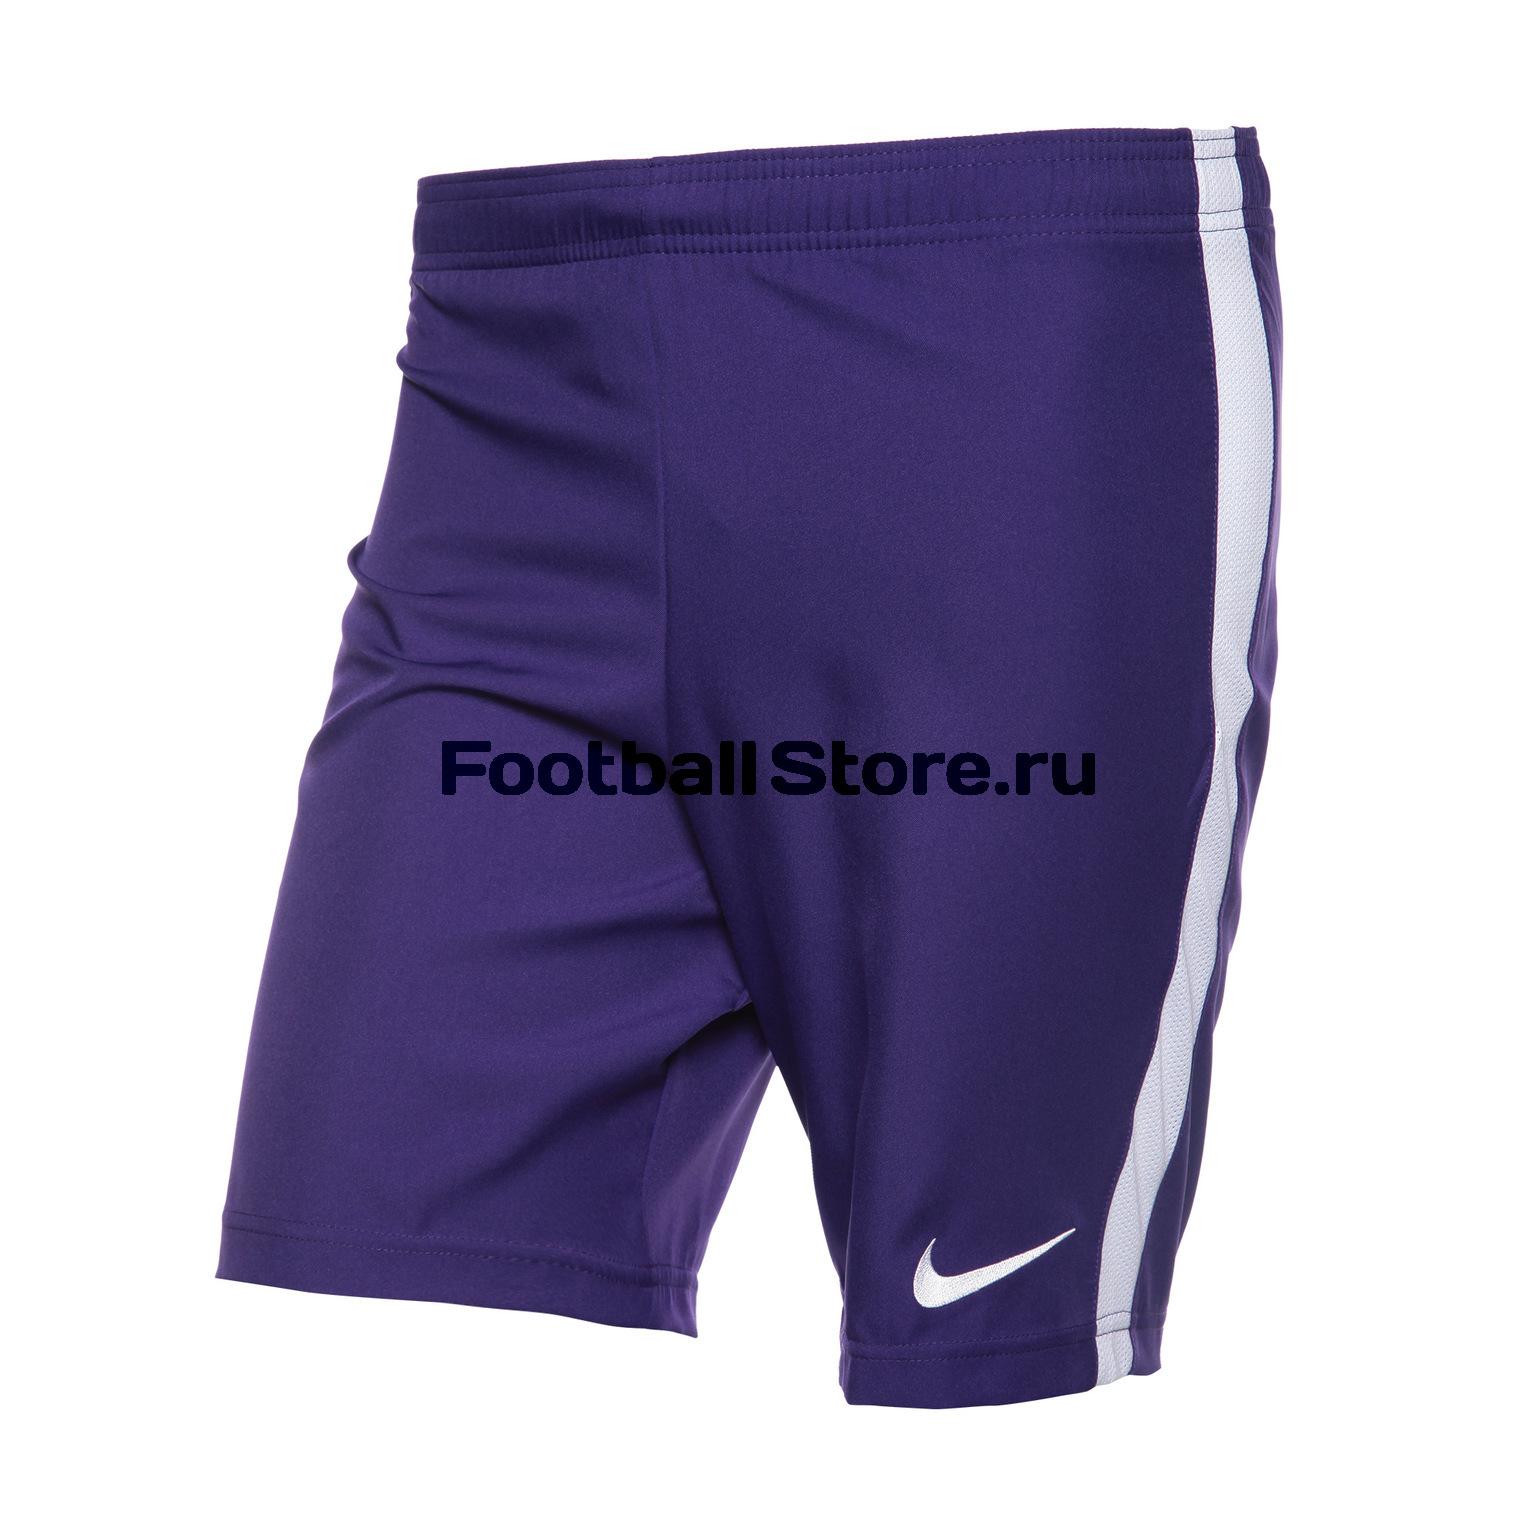 Шорты игровые Nike Dry Short II WVN 894331-547 шорты игровые nike dry short ii wvn 894331 010